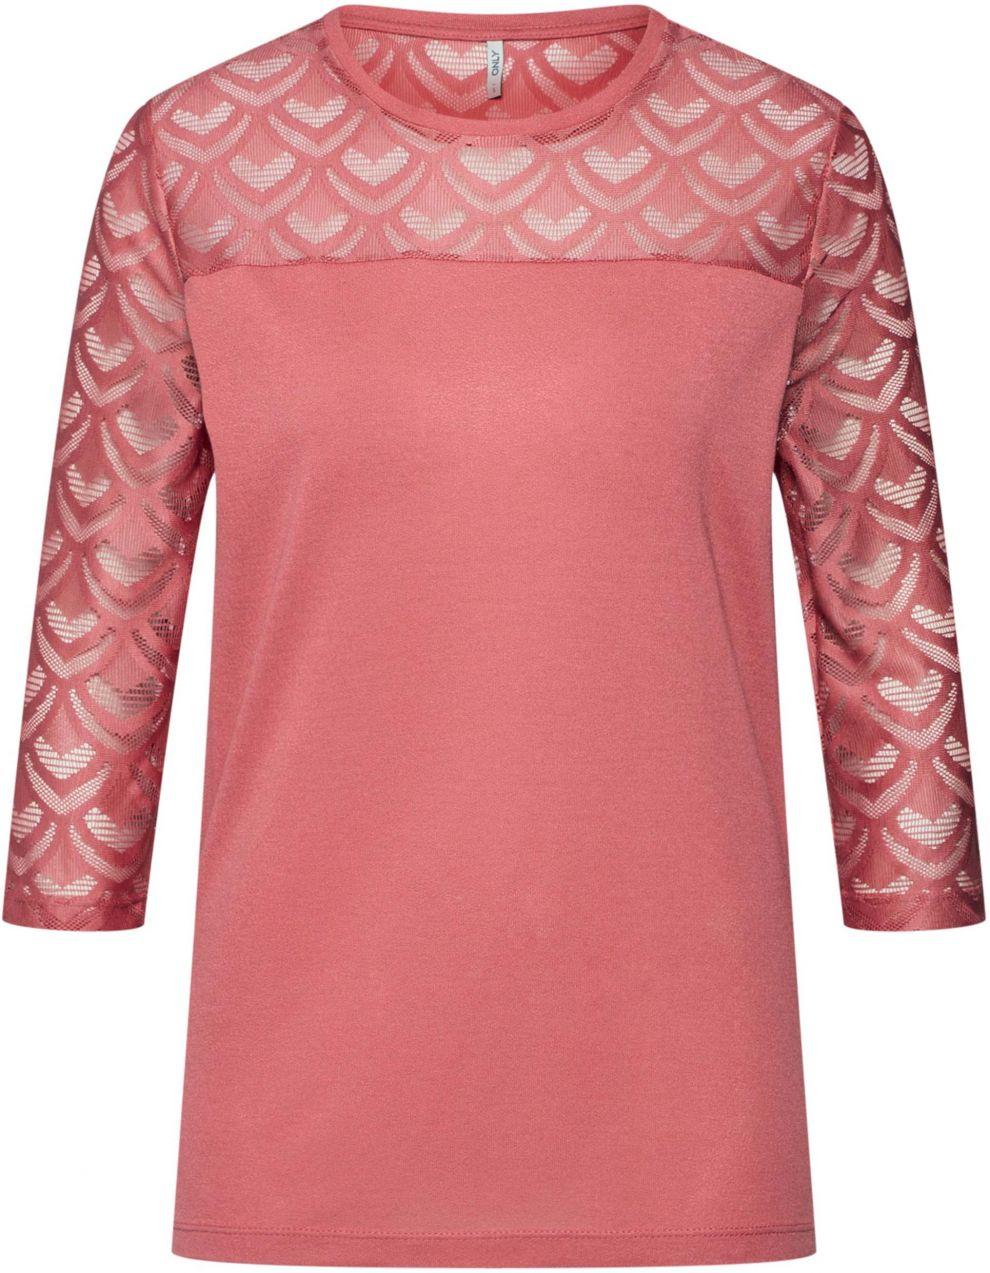 46259fafd Tričko ONLY Ružová ONLY značky ONLY - Lovely.sk